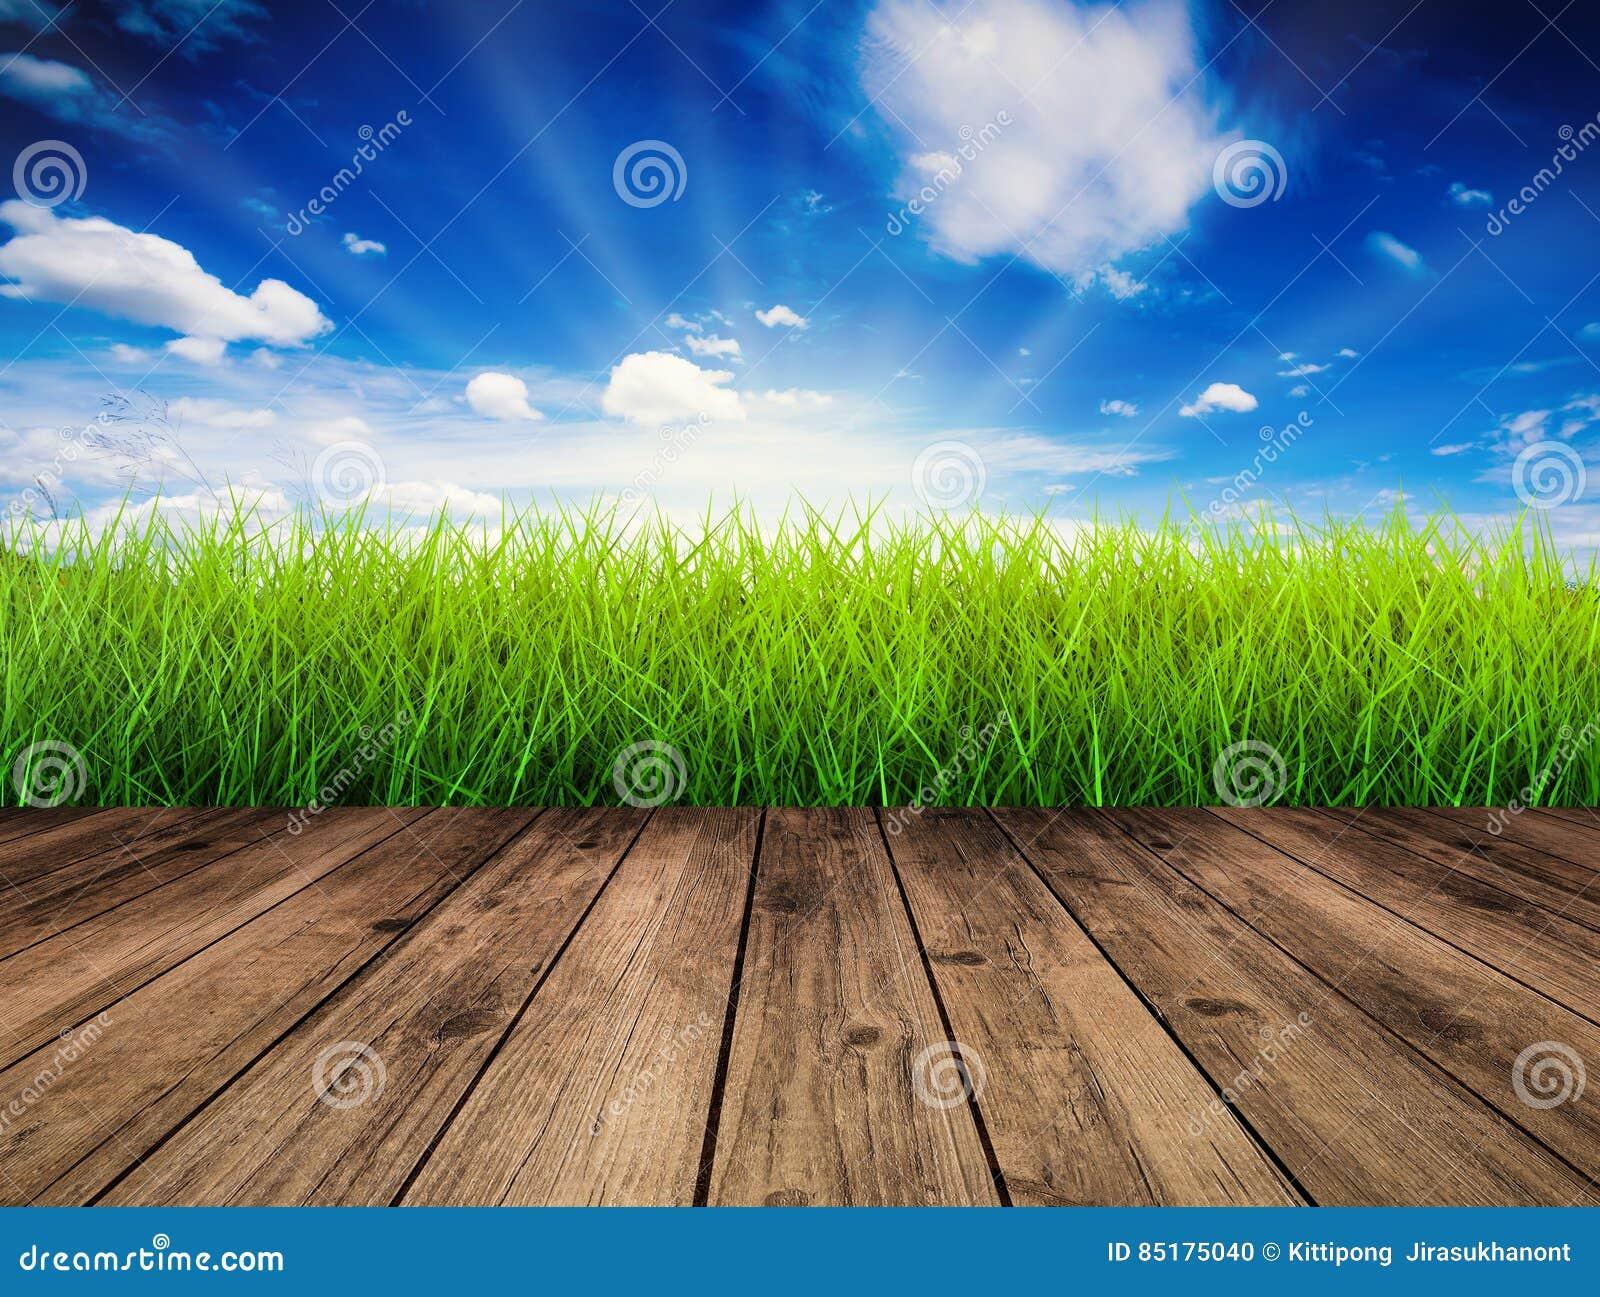 Houten vloer met groen gras